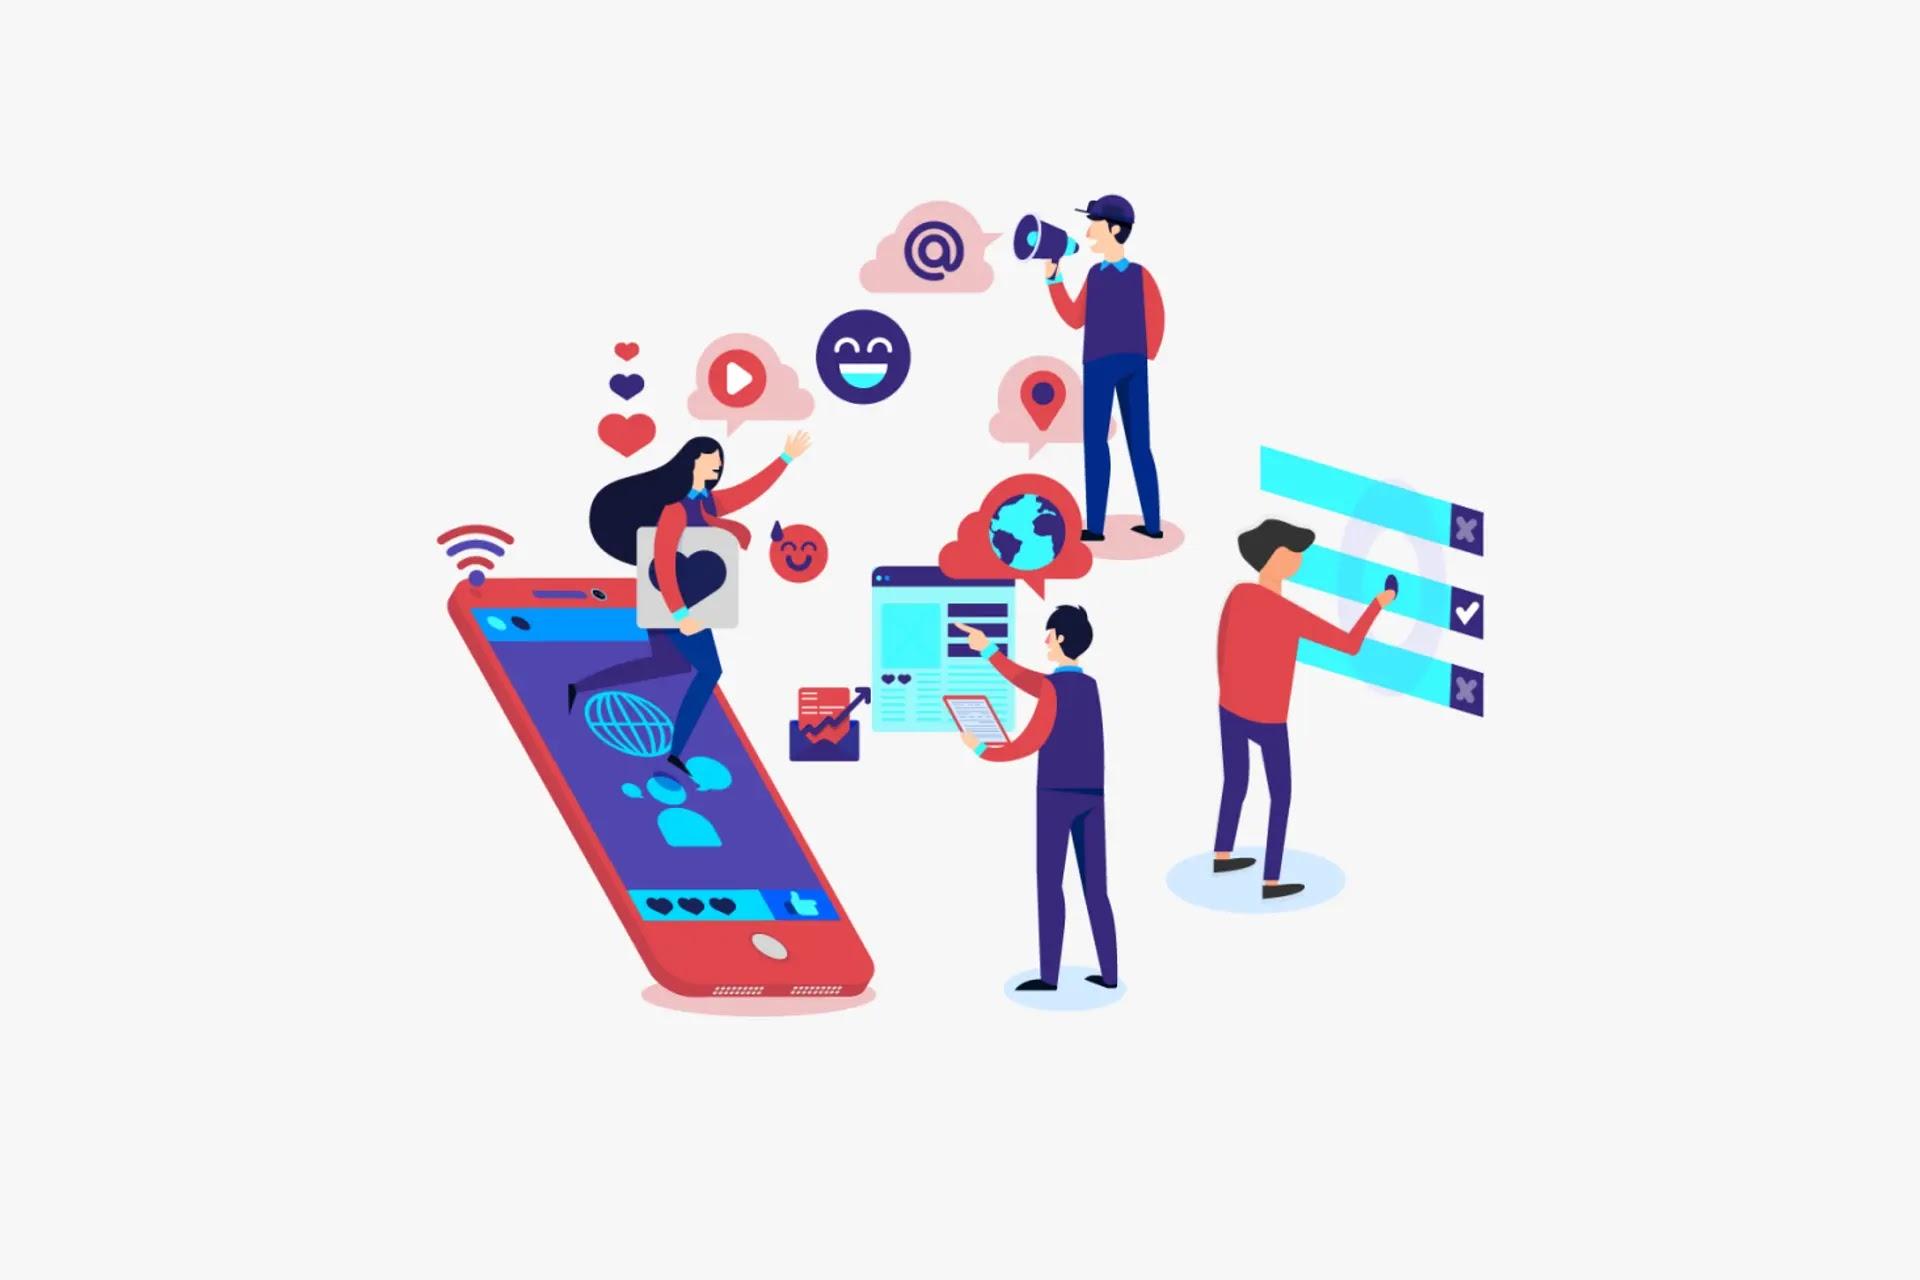 التسويق,التسويق الالكتروني,التسويق الإلكتروني,التسويق الرقمي,التسويق بالمحتوى,التسويق بالعمولة,التسويق المتخصص,تسويق الكترونى,تسويق,التسويق المتخصص نيش,تخصص التسويق,تسويق الكتروني,التسويق الالكتروني المتخصص,التسويق المختص,تعلم التسويق,تسويق الالكتروني,كورس التسويق الرقمي,دورة التسويق الرقمي,تعلم التسويق الالكتروني,دبلوم التسويق الرقمي,ماهو التسويق,التخطيط التسويقي,خطة التسويق الالكترونى,للتسويق الالكتروني,التسويق الالكتروني للمبتدئين